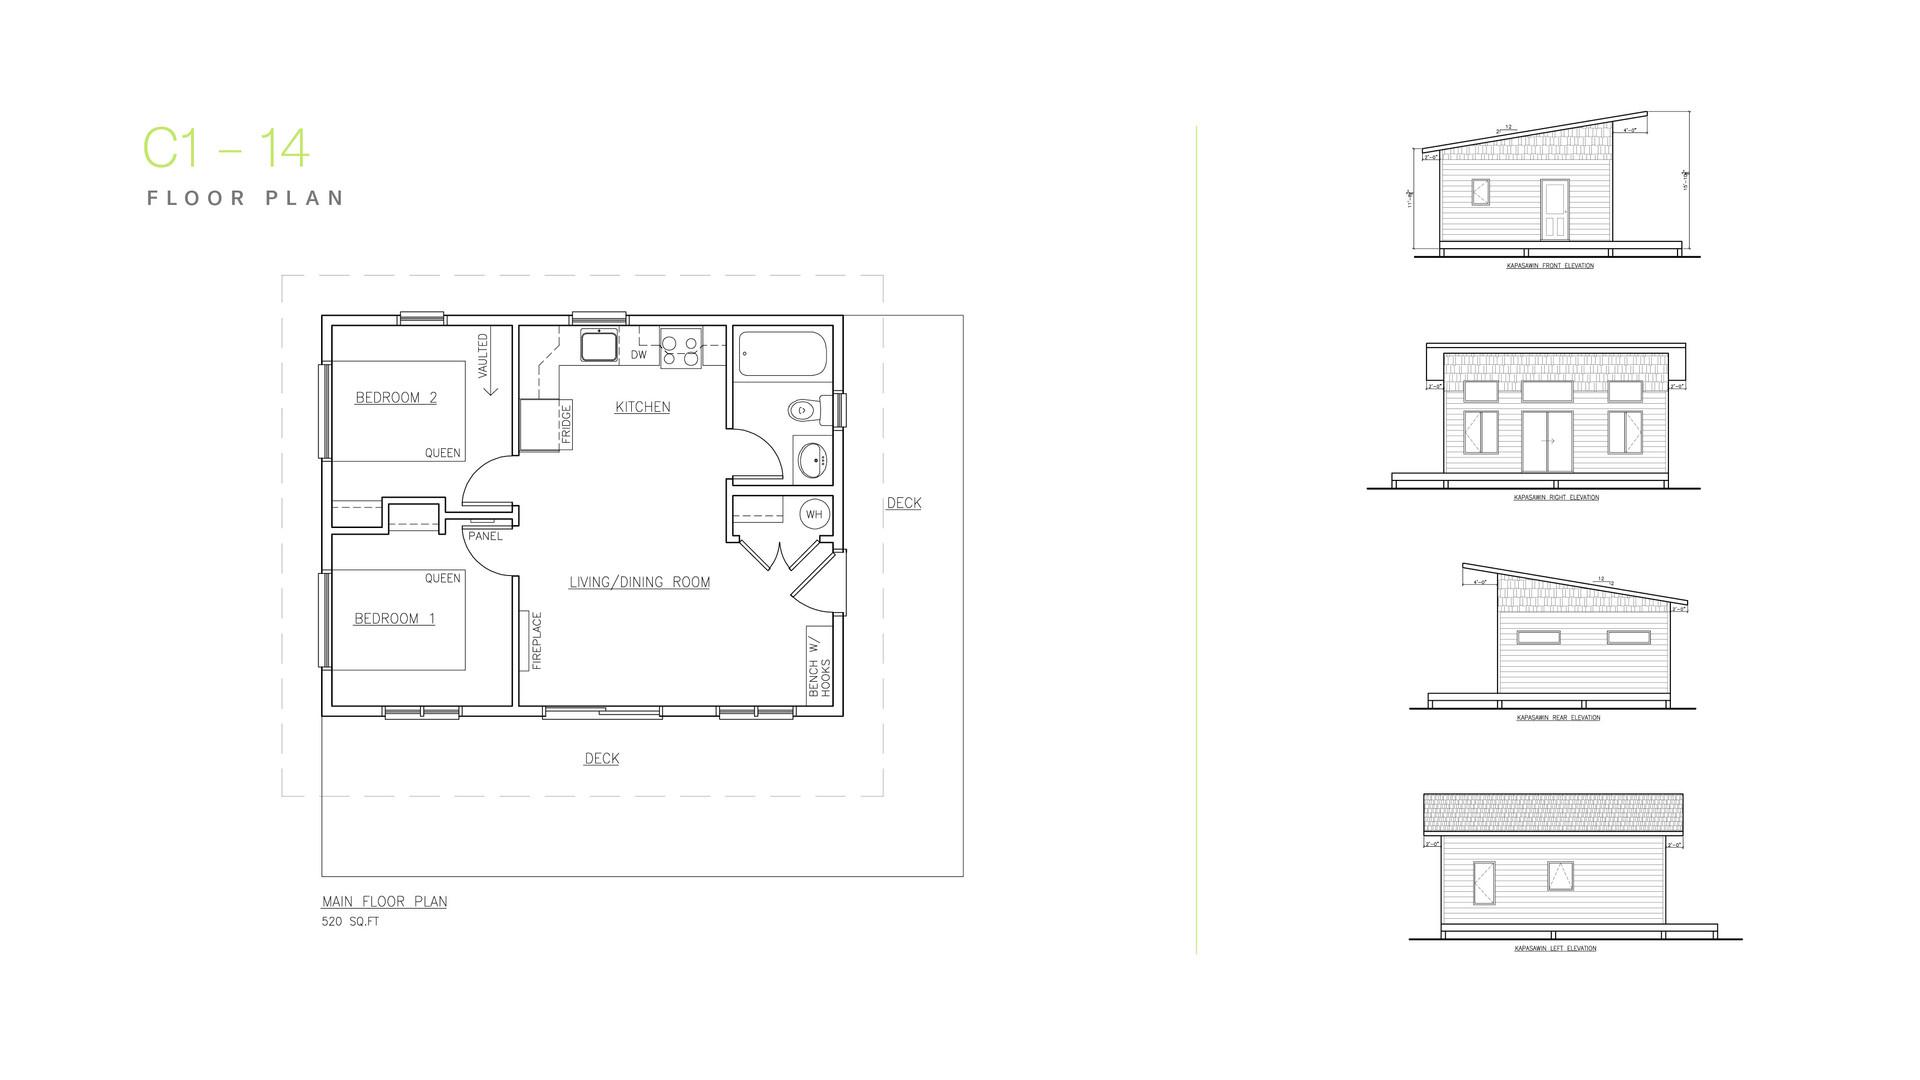 Kapasiwin Bungalows Floor Plan C1-C14